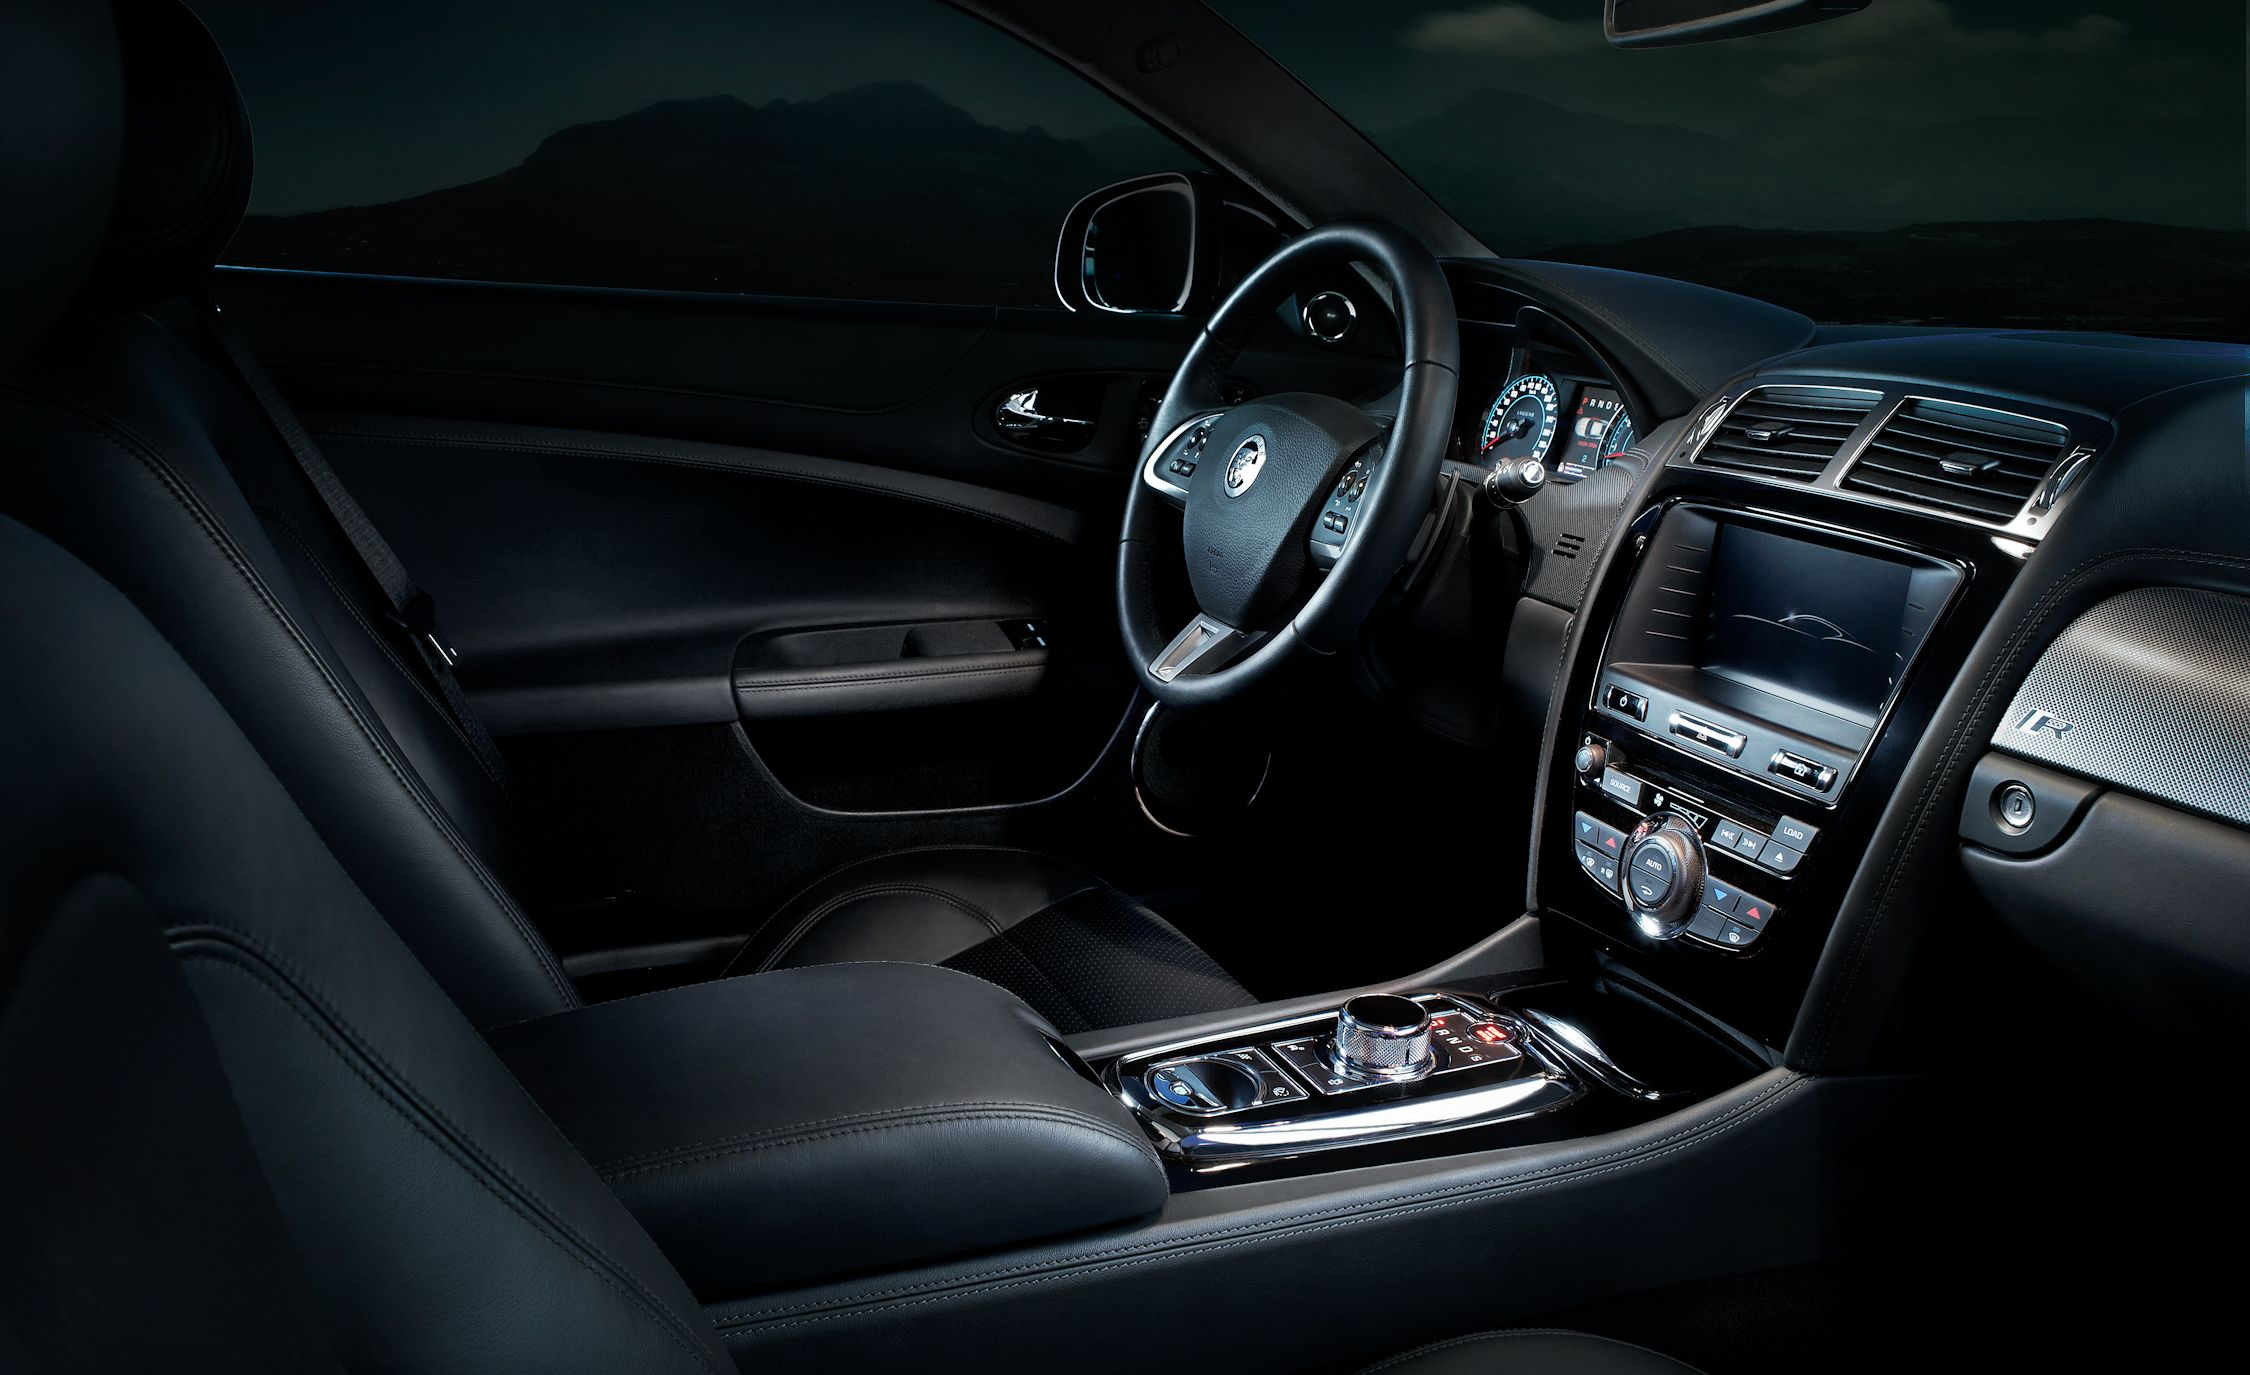 Image Result For Jaguar Xk 2 Door Interior Jaguar Jaguar Xk Dream Cars